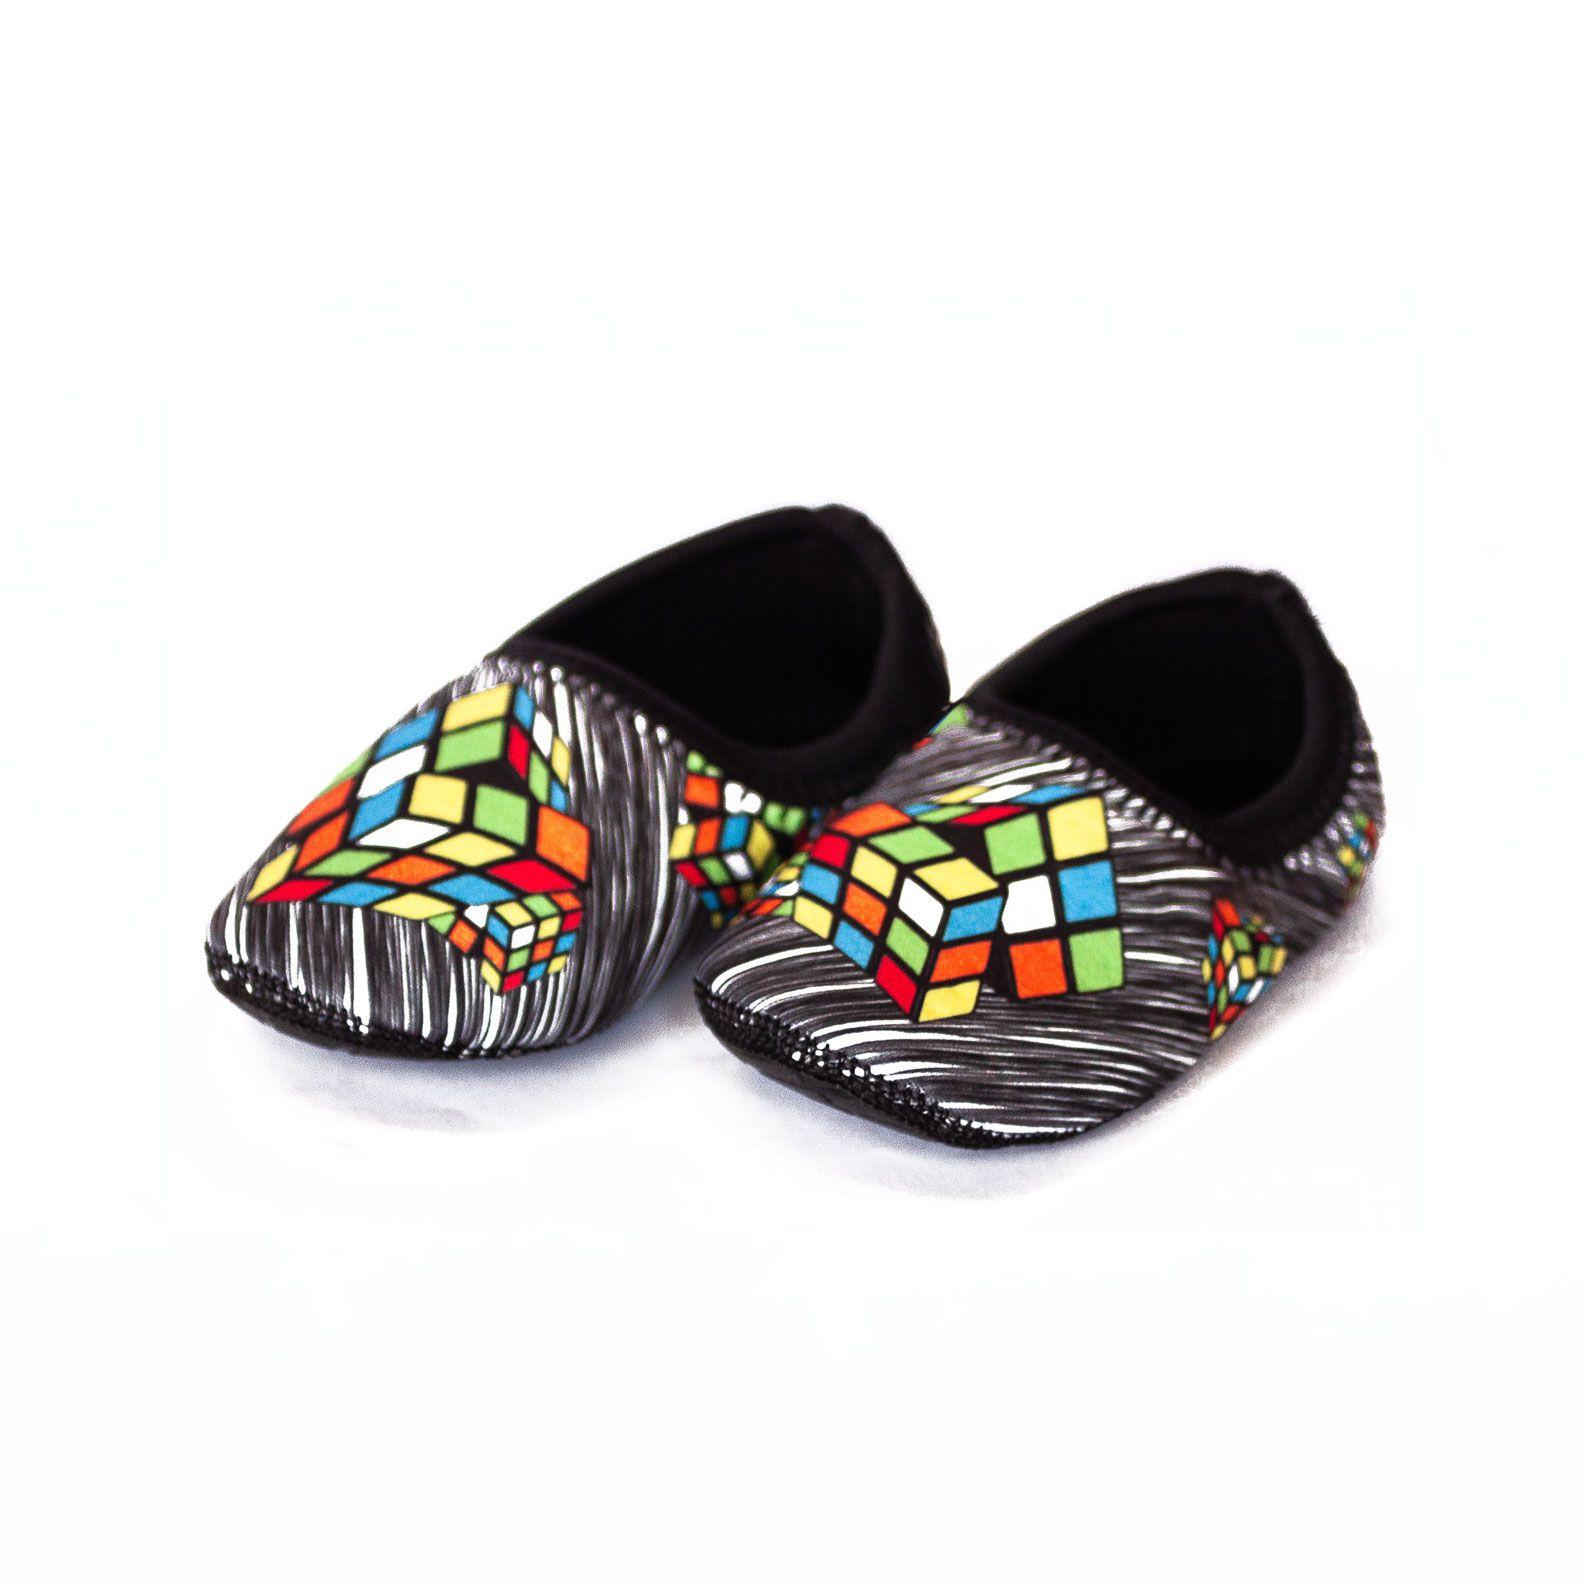 Sapato de Neoprene Infantil Fit Cubo Ufrog